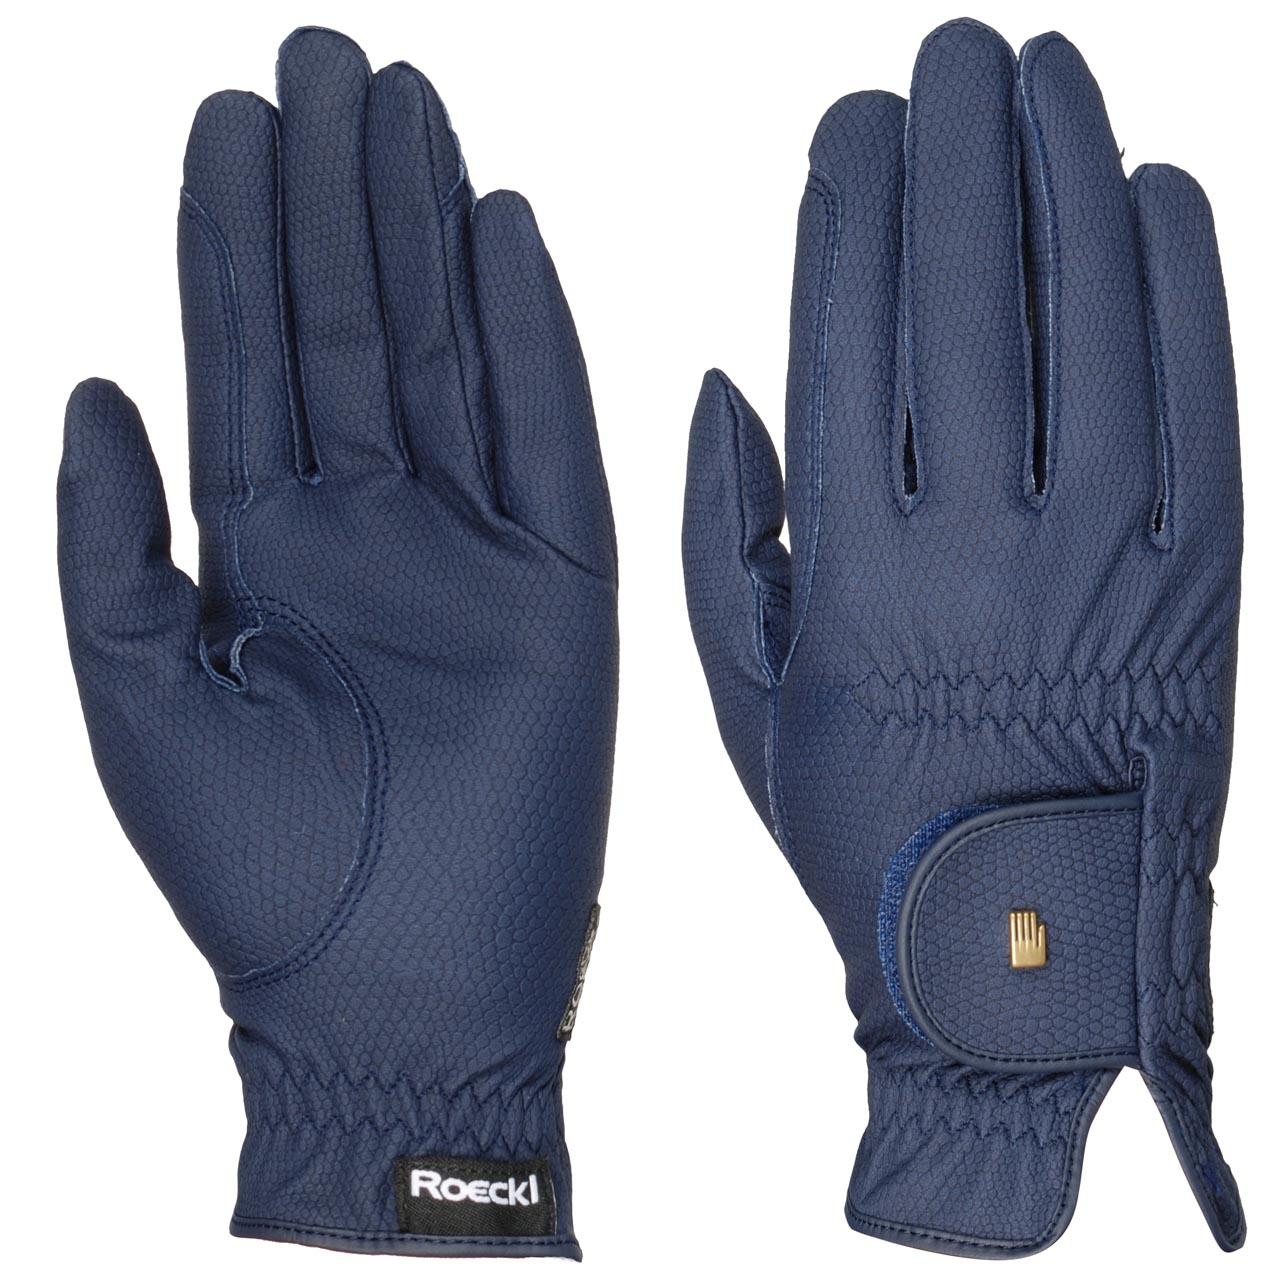 Roeckl Roeck grip Handschoen blauw maat:8,5